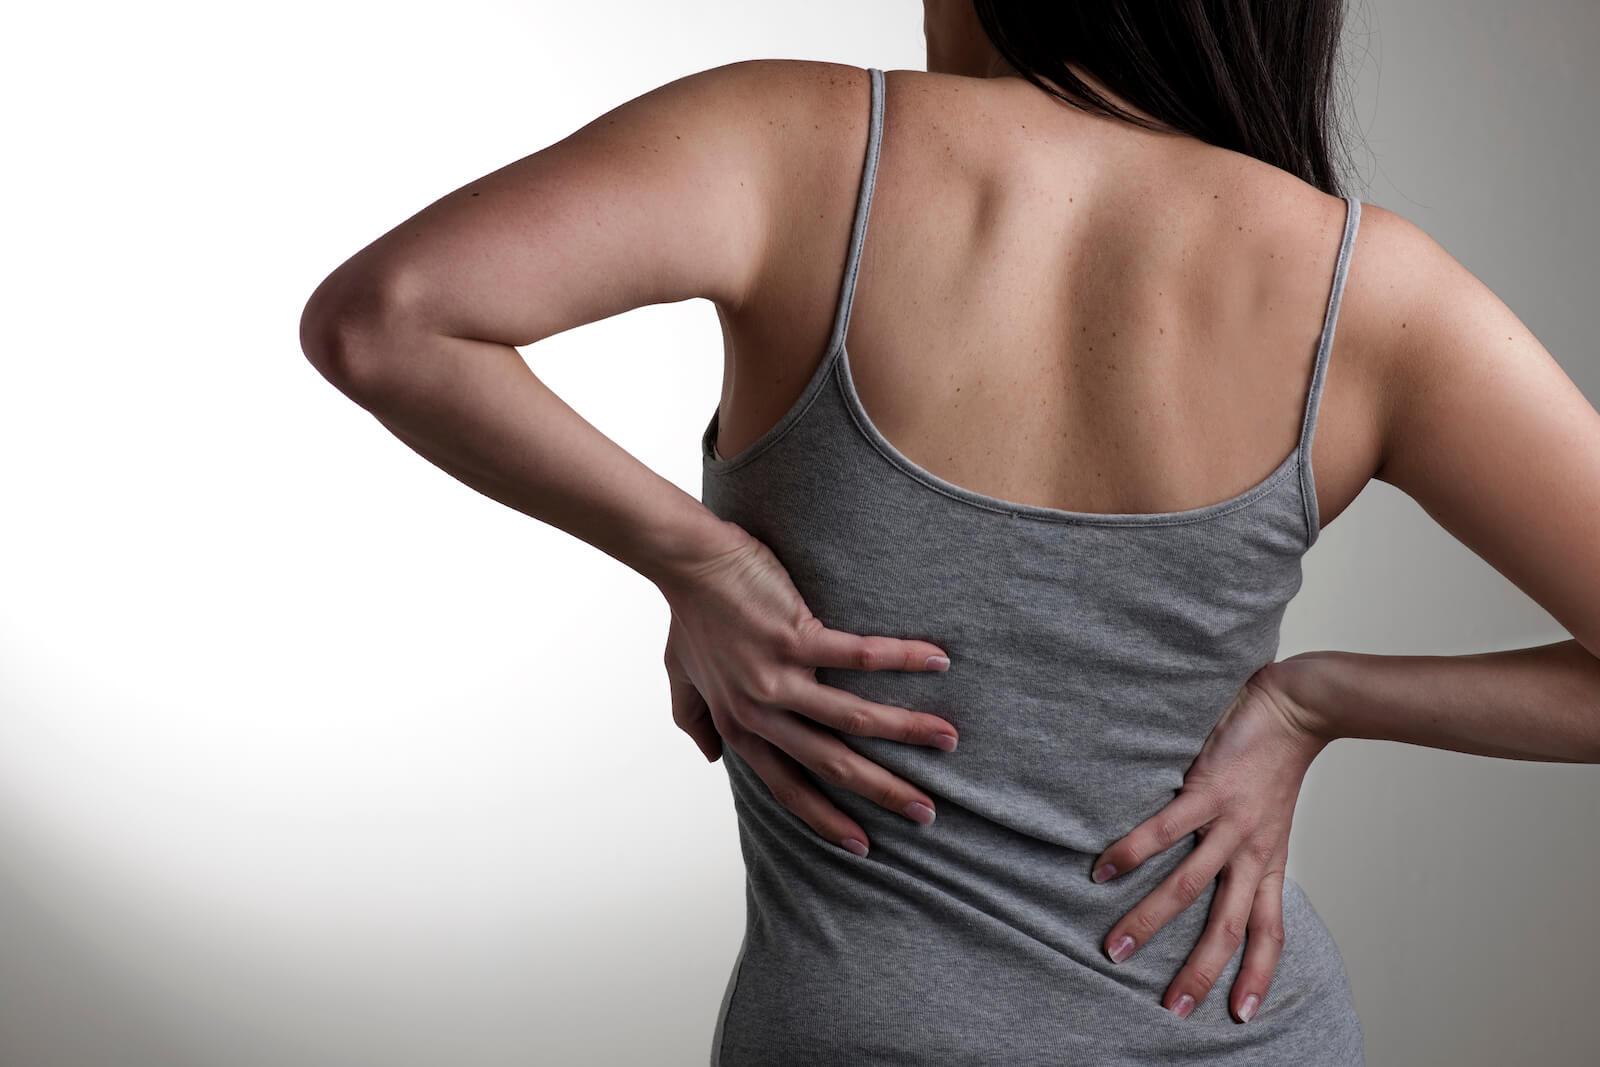 gerincferdülés kezelése, gerincferdülés gyógyítása